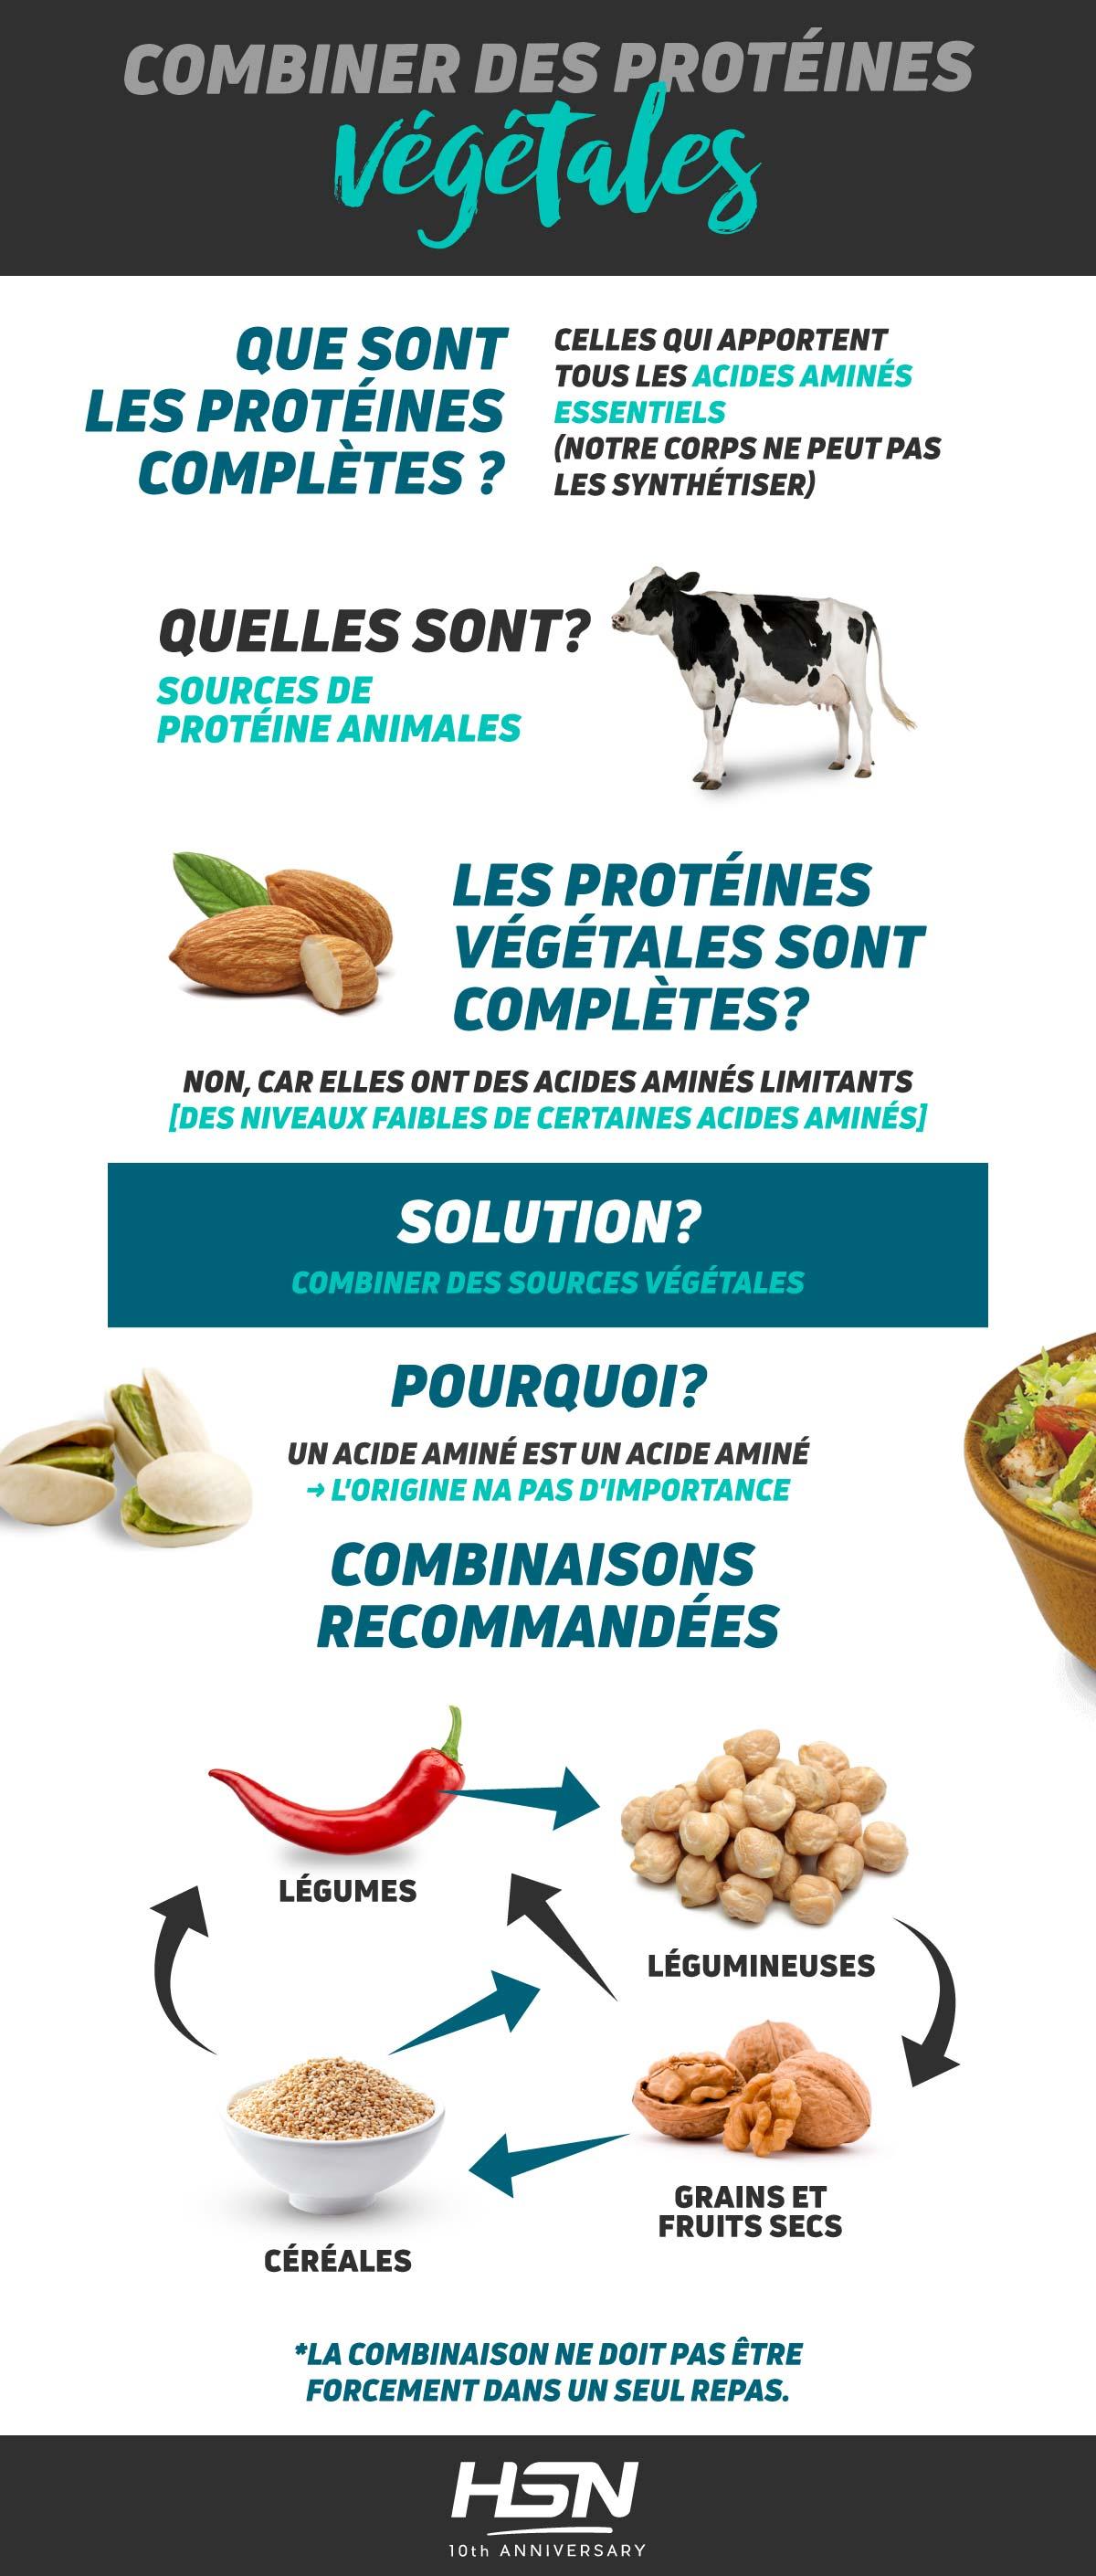 Combiner des Protéines végétales